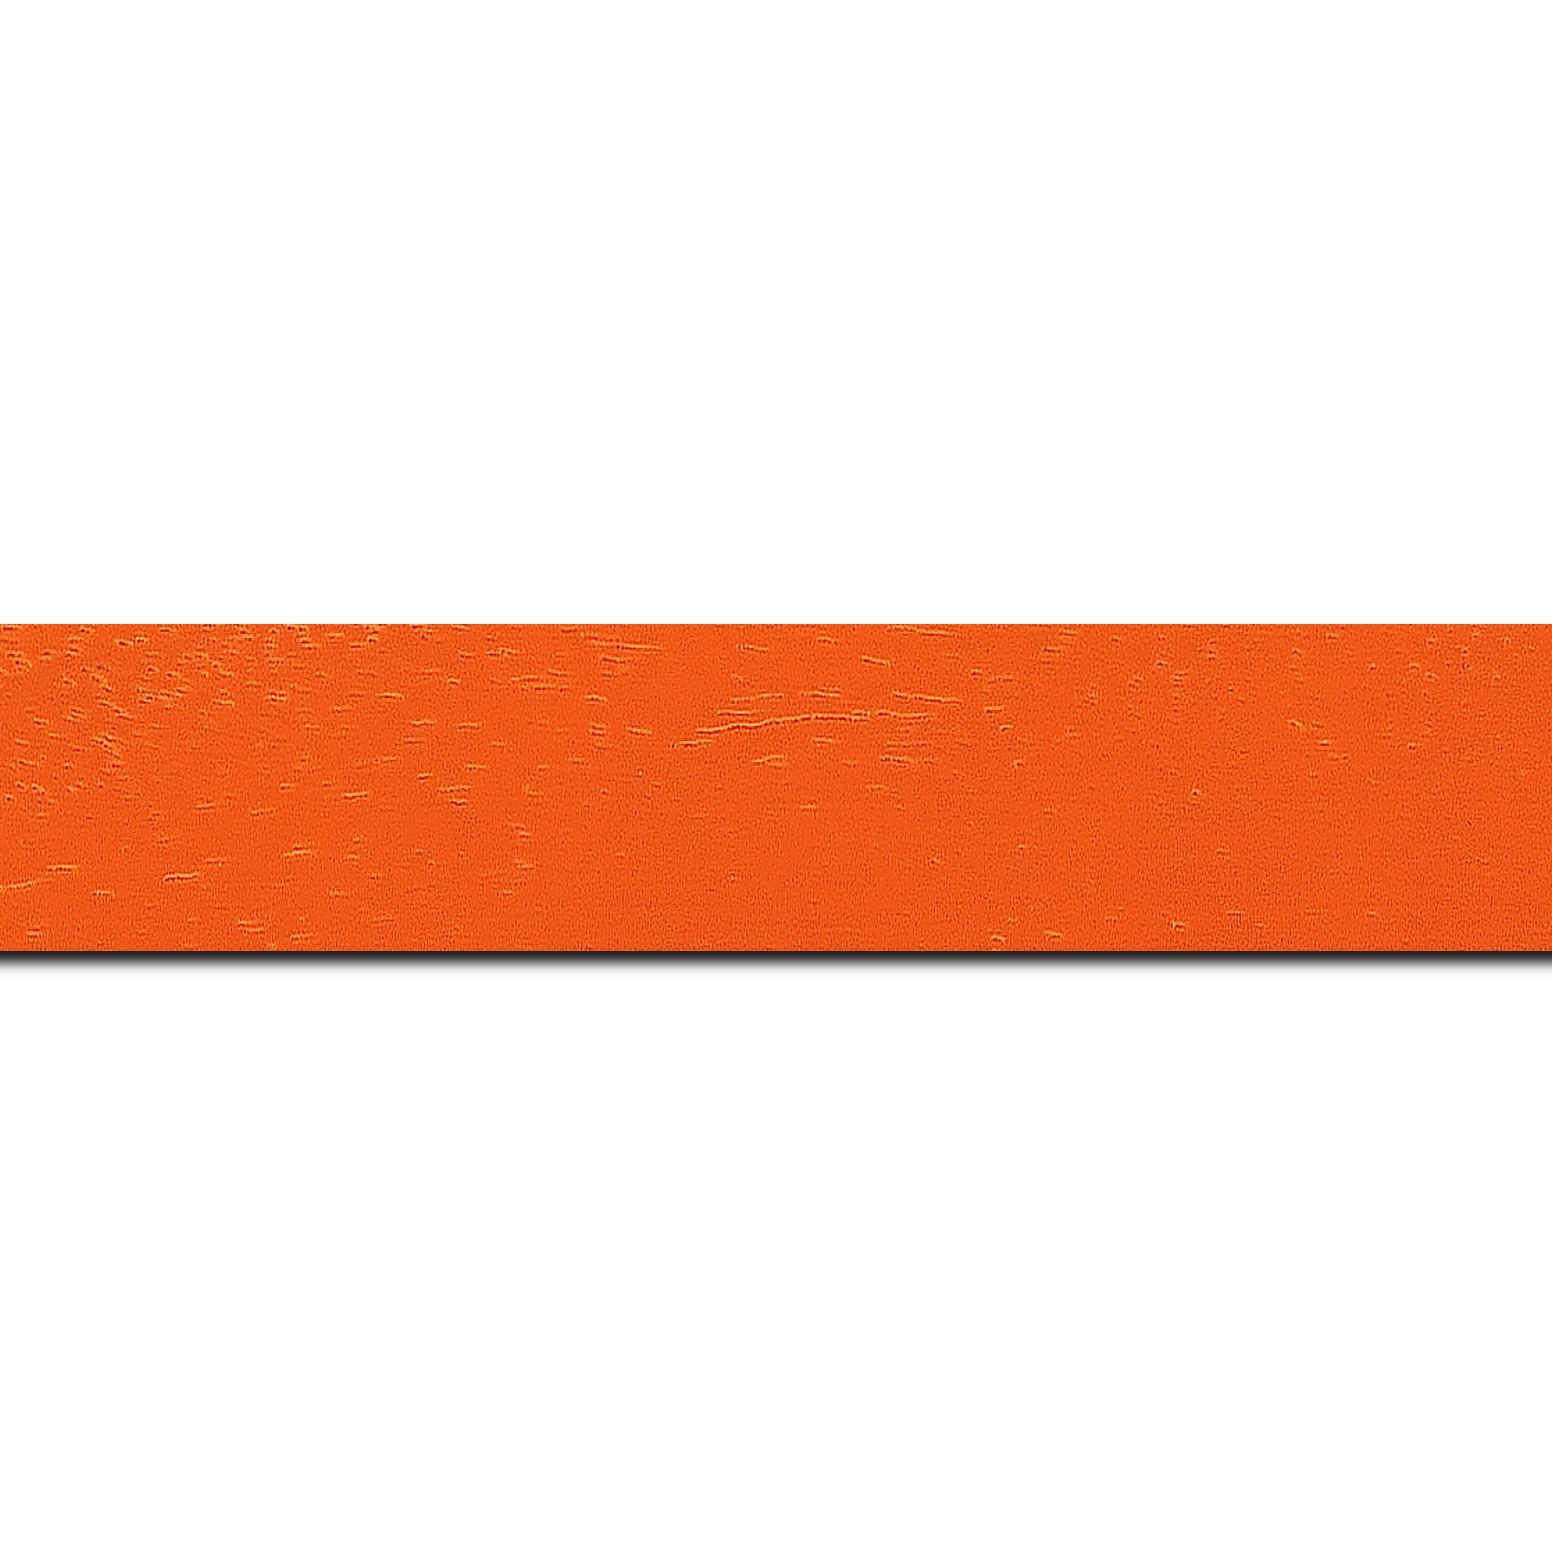 Pack par 12m, bois profil plat largeur 3cm couleur orange tonique satiné (longueur baguette pouvant varier entre 2.40m et 3m selon arrivage des bois)